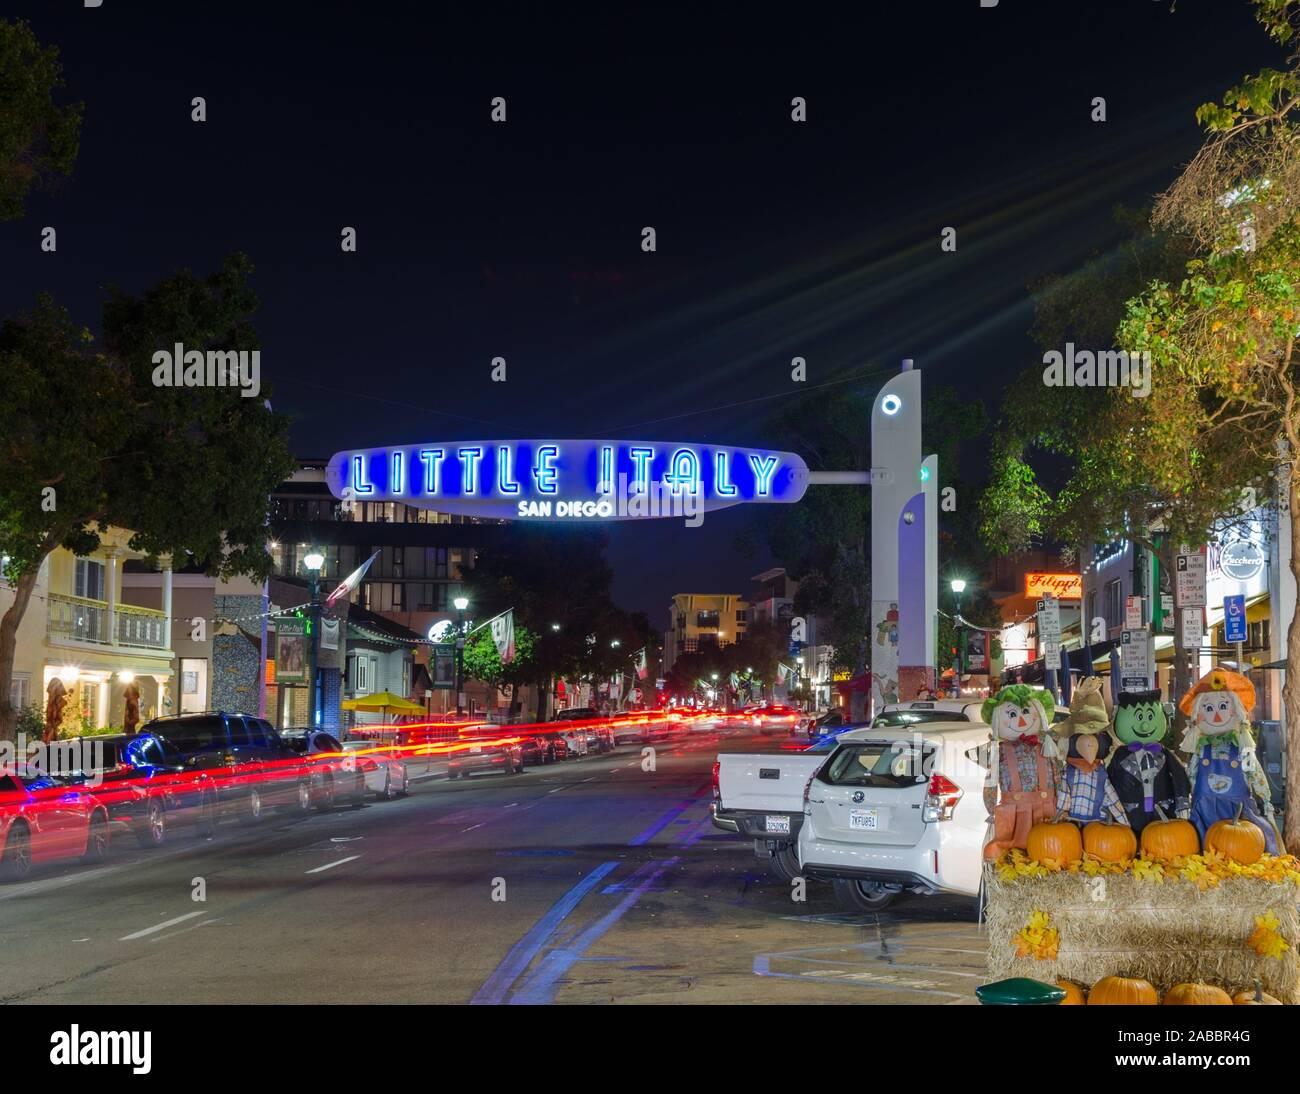 Verschwommen Lichter von Verkehr auf India Street in Little Italy, San Diego, USA. Stockfoto